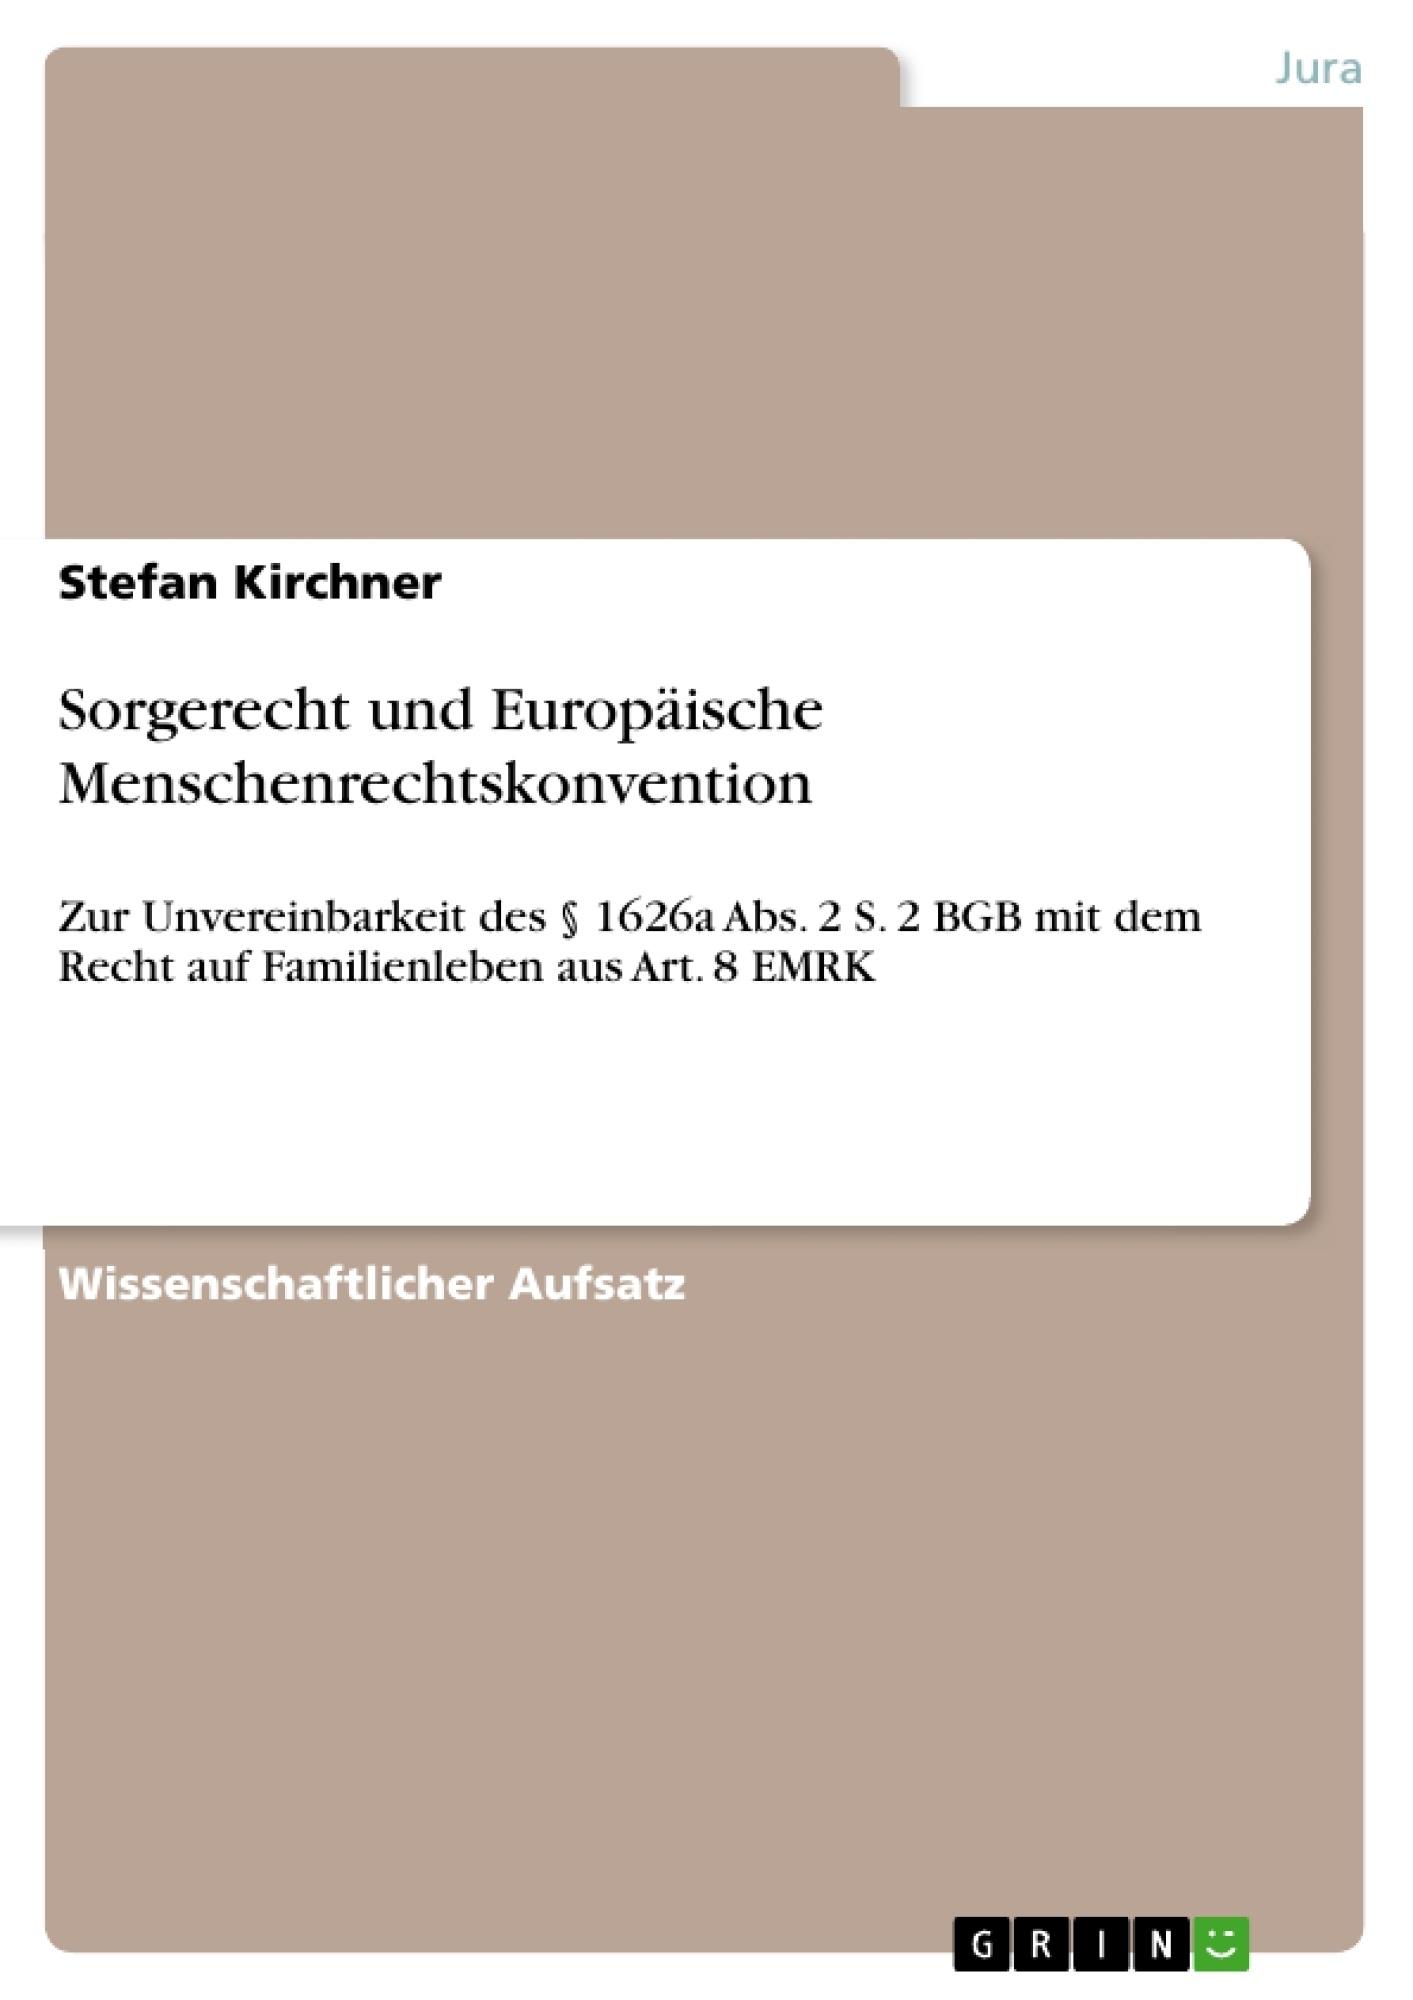 Titel: Sorgerecht und Europäische Menschenrechtskonvention